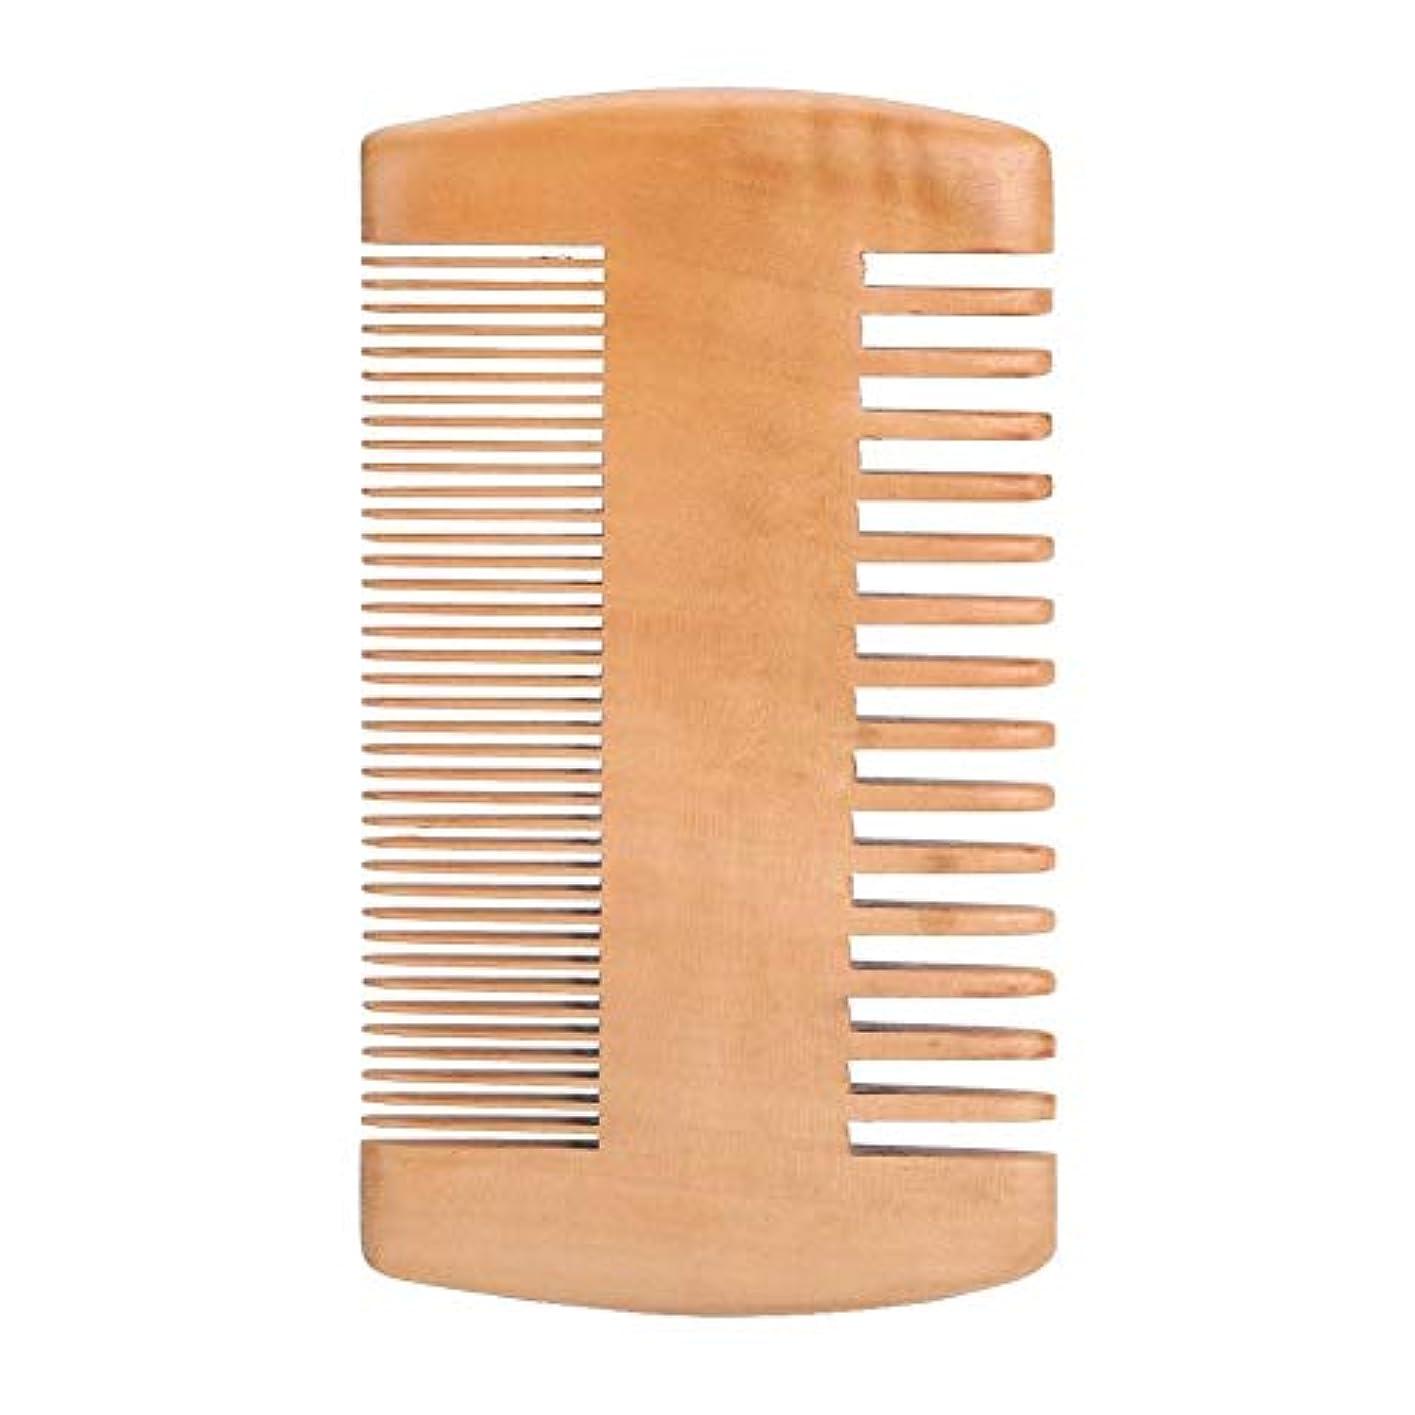 宣言勧告リネン木製の抗静的ひげポケット櫛